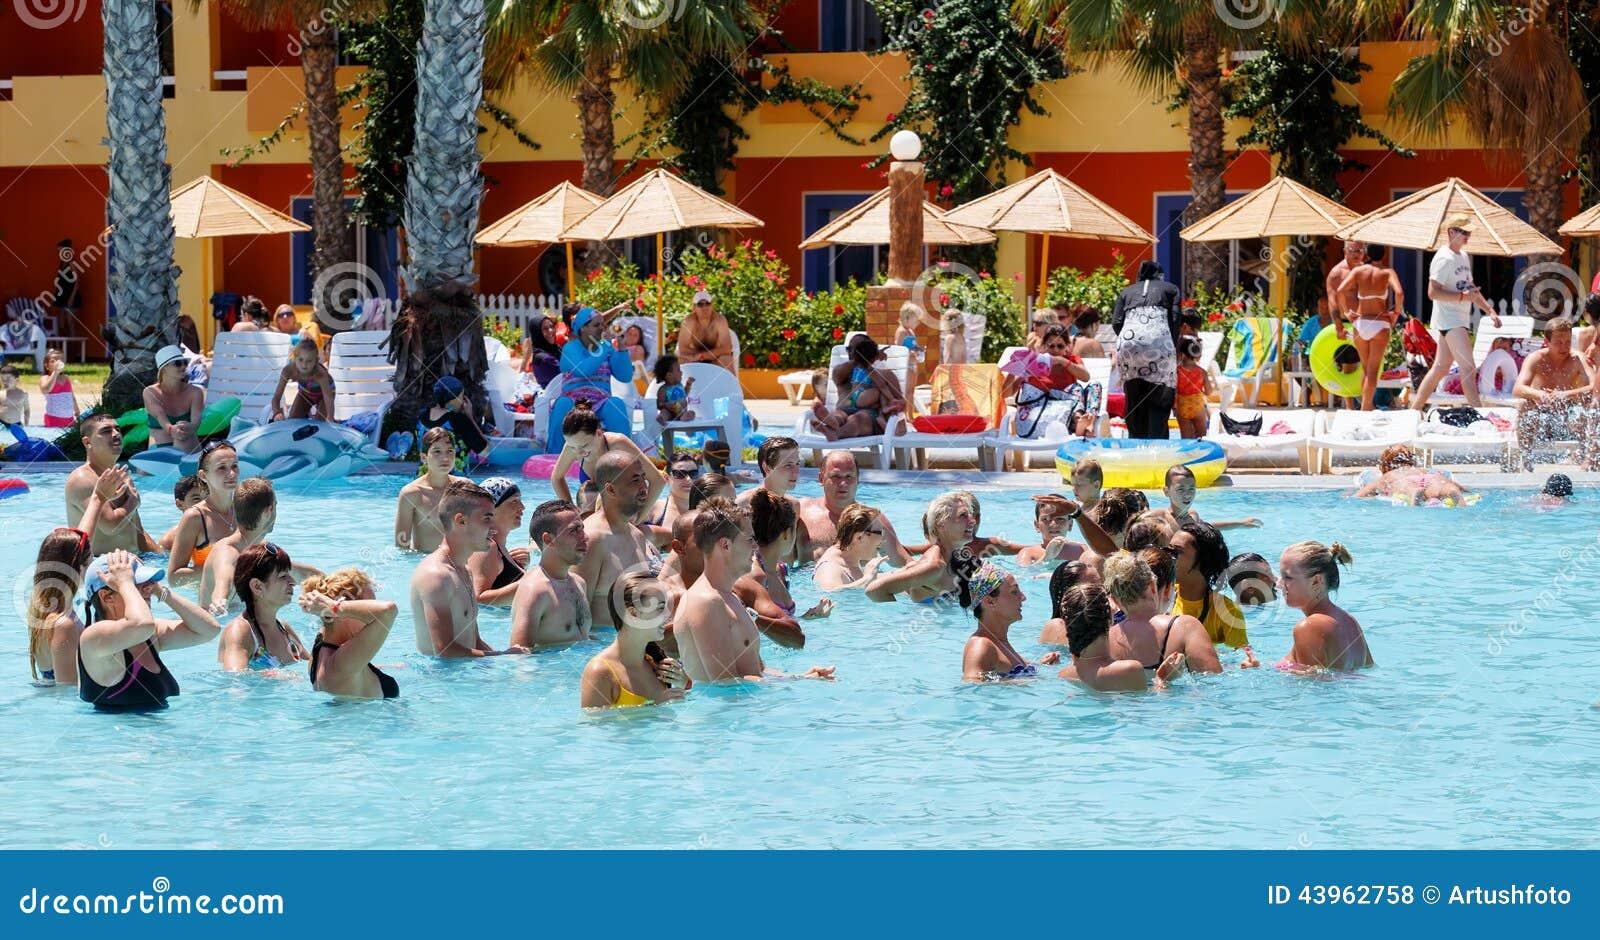 Los turistas el d a de fiesta est n haciendo aer bicos de for Fiesta de piscina